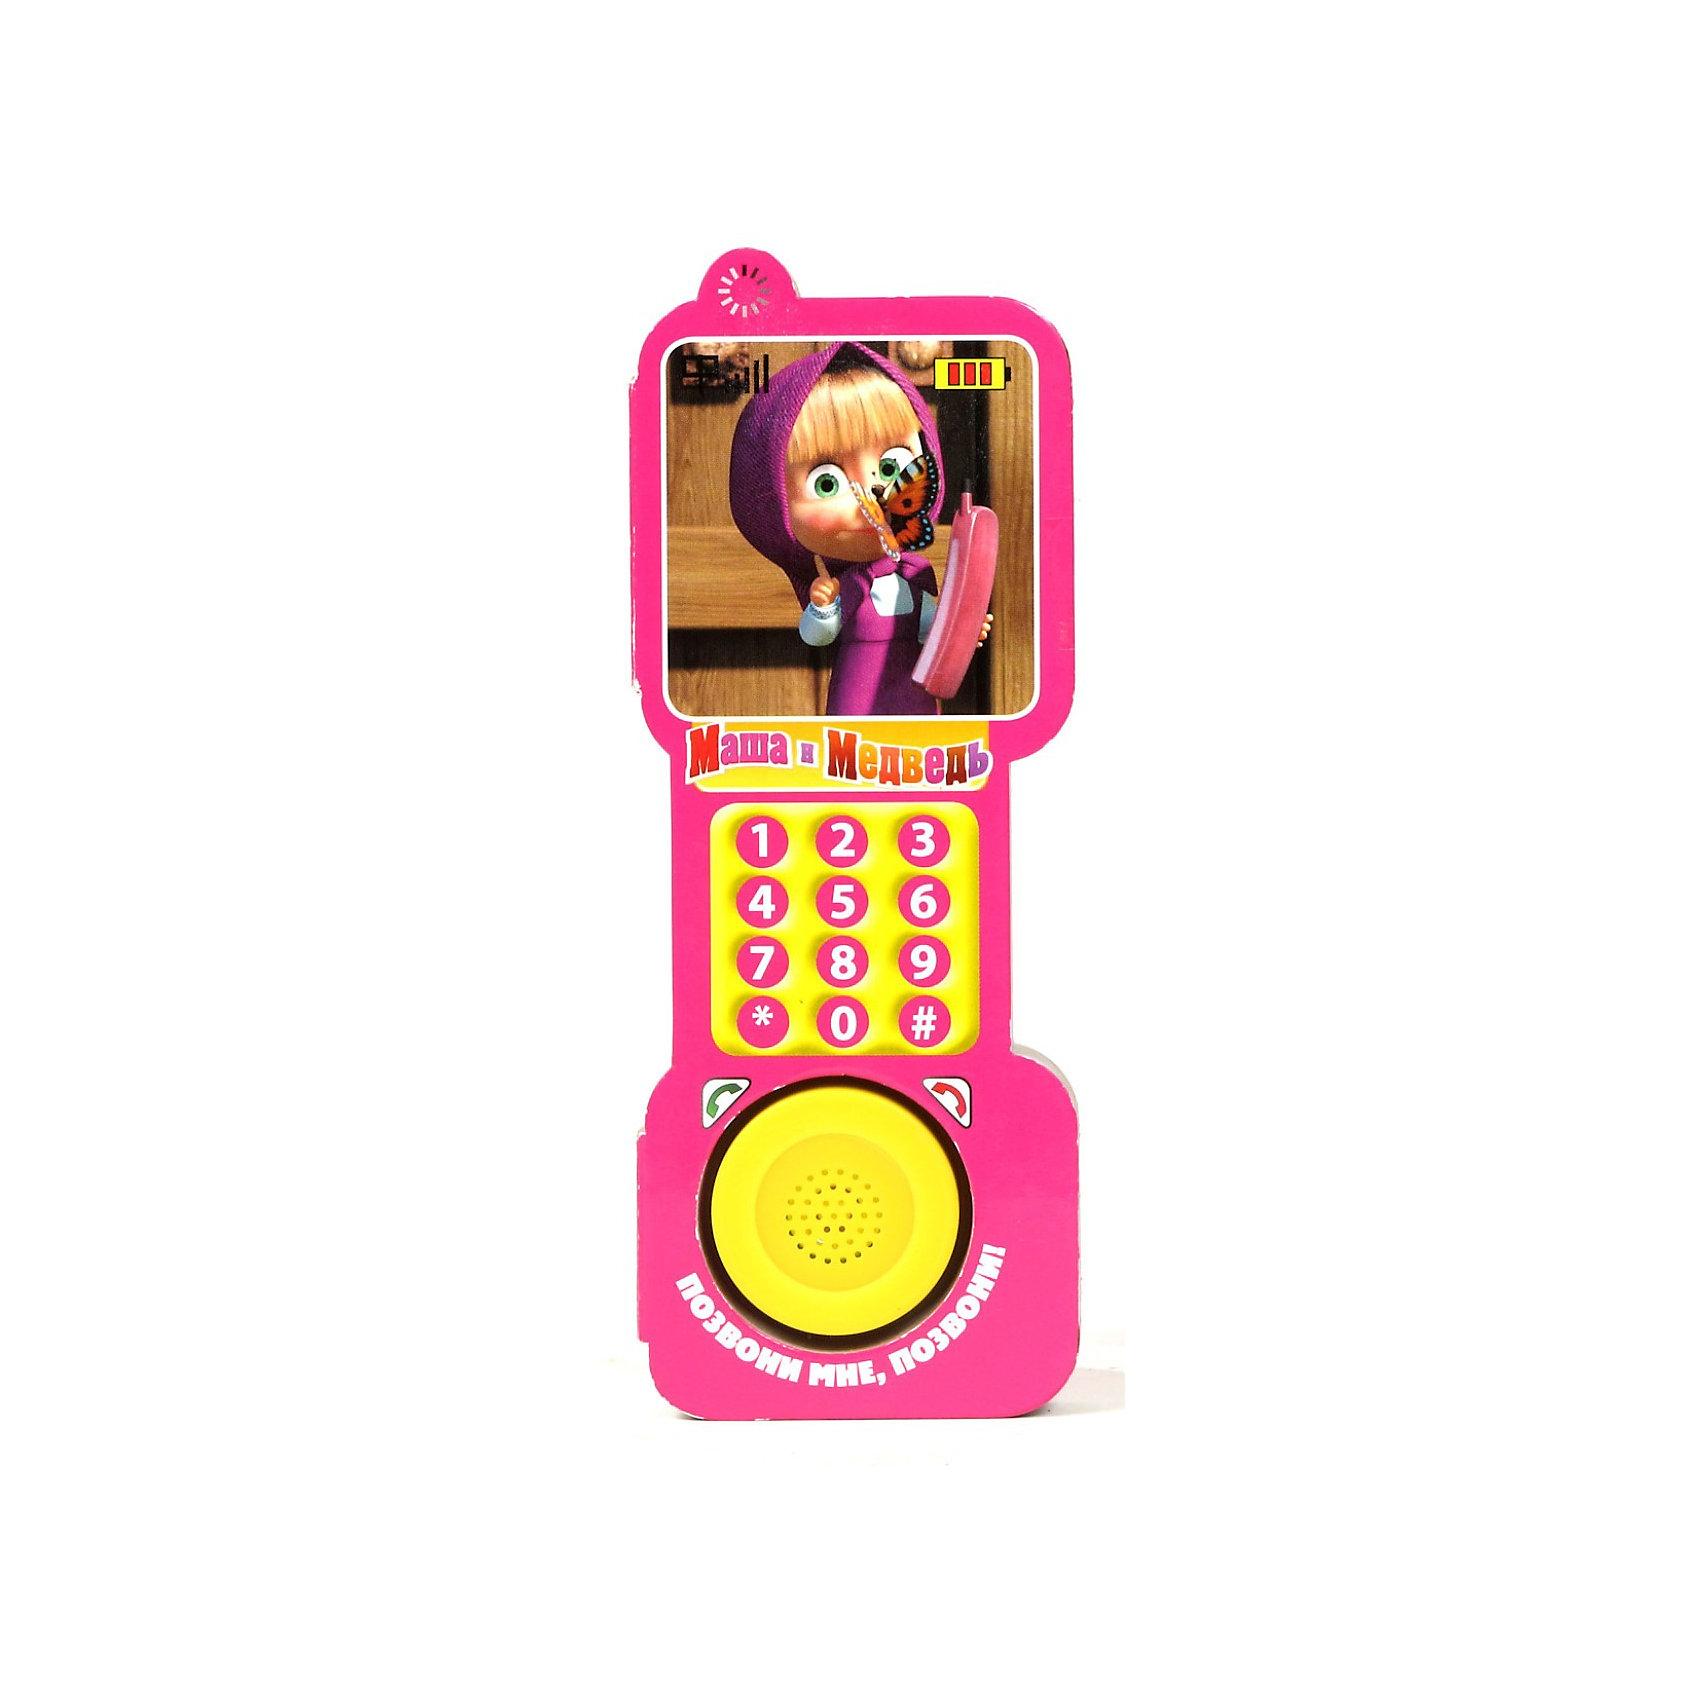 Книга Позвони мне, позвони!, Маша и МедведьКнига Позвони Мне, Позвони!, Маша И Медведь, Умка выполнена в  форме телефона. При нажатии на кнопочку звучит забавная песенка Маши, при повторном нажатии песенка выключается. <br><br>Дополнительная информация:<br><br>Автор/серия: RC[-3]<br>Формат/переплет/количество страниц:<br>Батарейки: LR 1130 3 шт.<br><br>Станет прекрасным развивающим подарком каждому ребенку!<br><br>Ширина мм: 160<br>Глубина мм: 20<br>Высота мм: 160<br>Вес г: 140<br>Возраст от месяцев: 12<br>Возраст до месяцев: 60<br>Пол: Женский<br>Возраст: Детский<br>SKU: 3341630